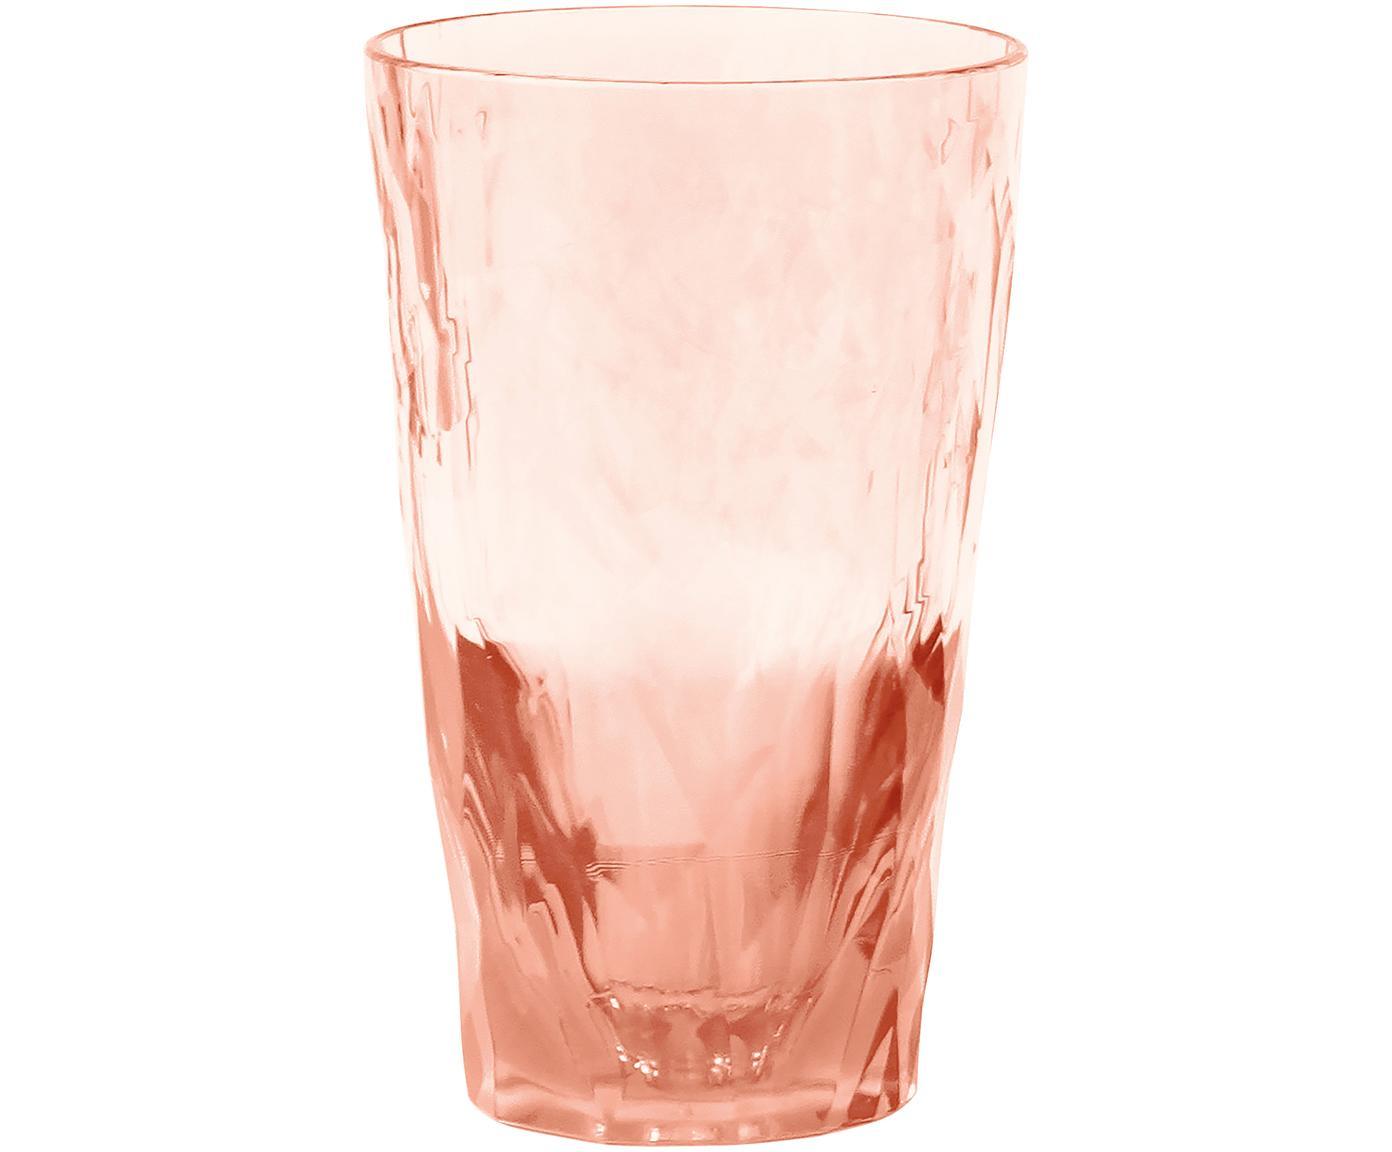 Bicchieri tipo long drink in materiale sintetico infrangibile Club, Materiale sintetico termoplastico (Superglass), Rosa quarzo trasparente, Ø 9 x Alt. 14 cm